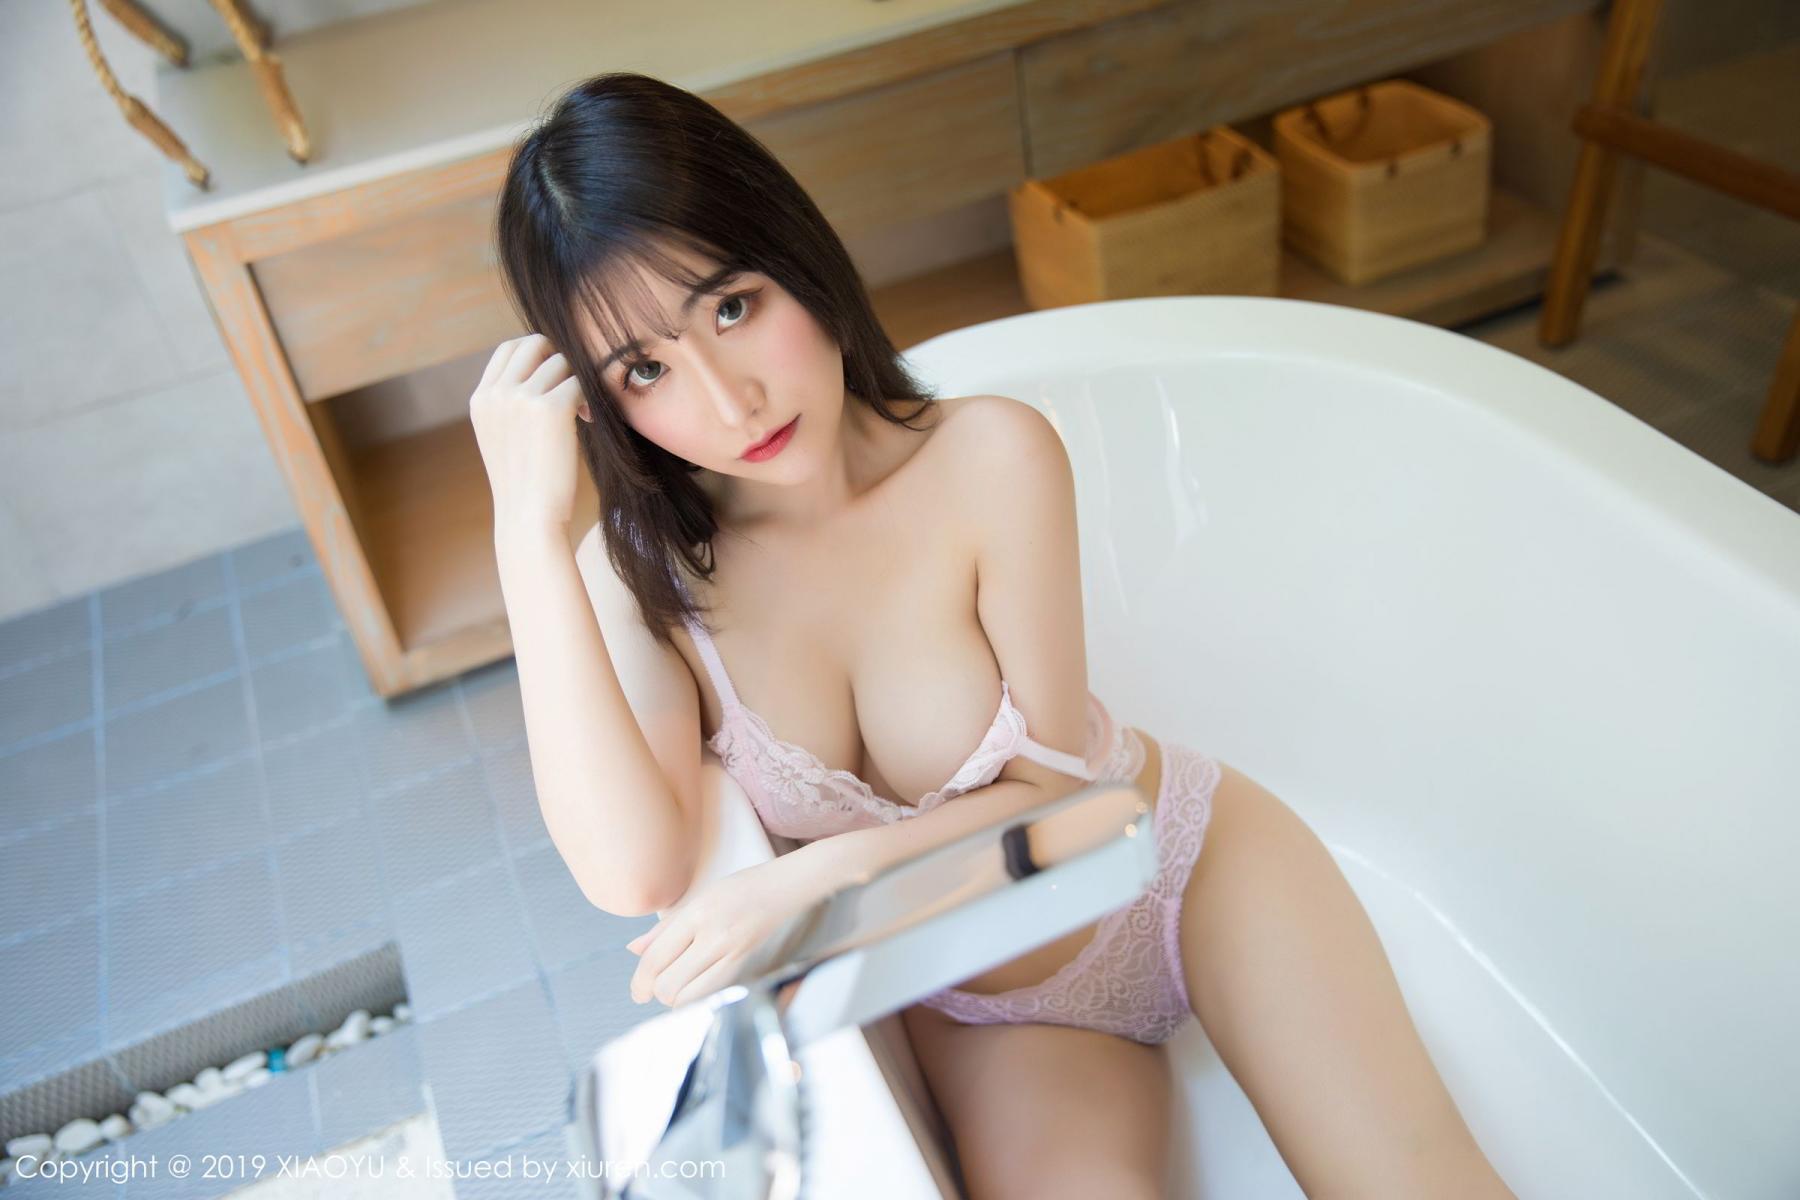 [XiaoYu] Vol.147 Xie Zhi Xin 45P, Bathroom, Big Booty, Wet, XiaoYu, Xie Zhi Xin